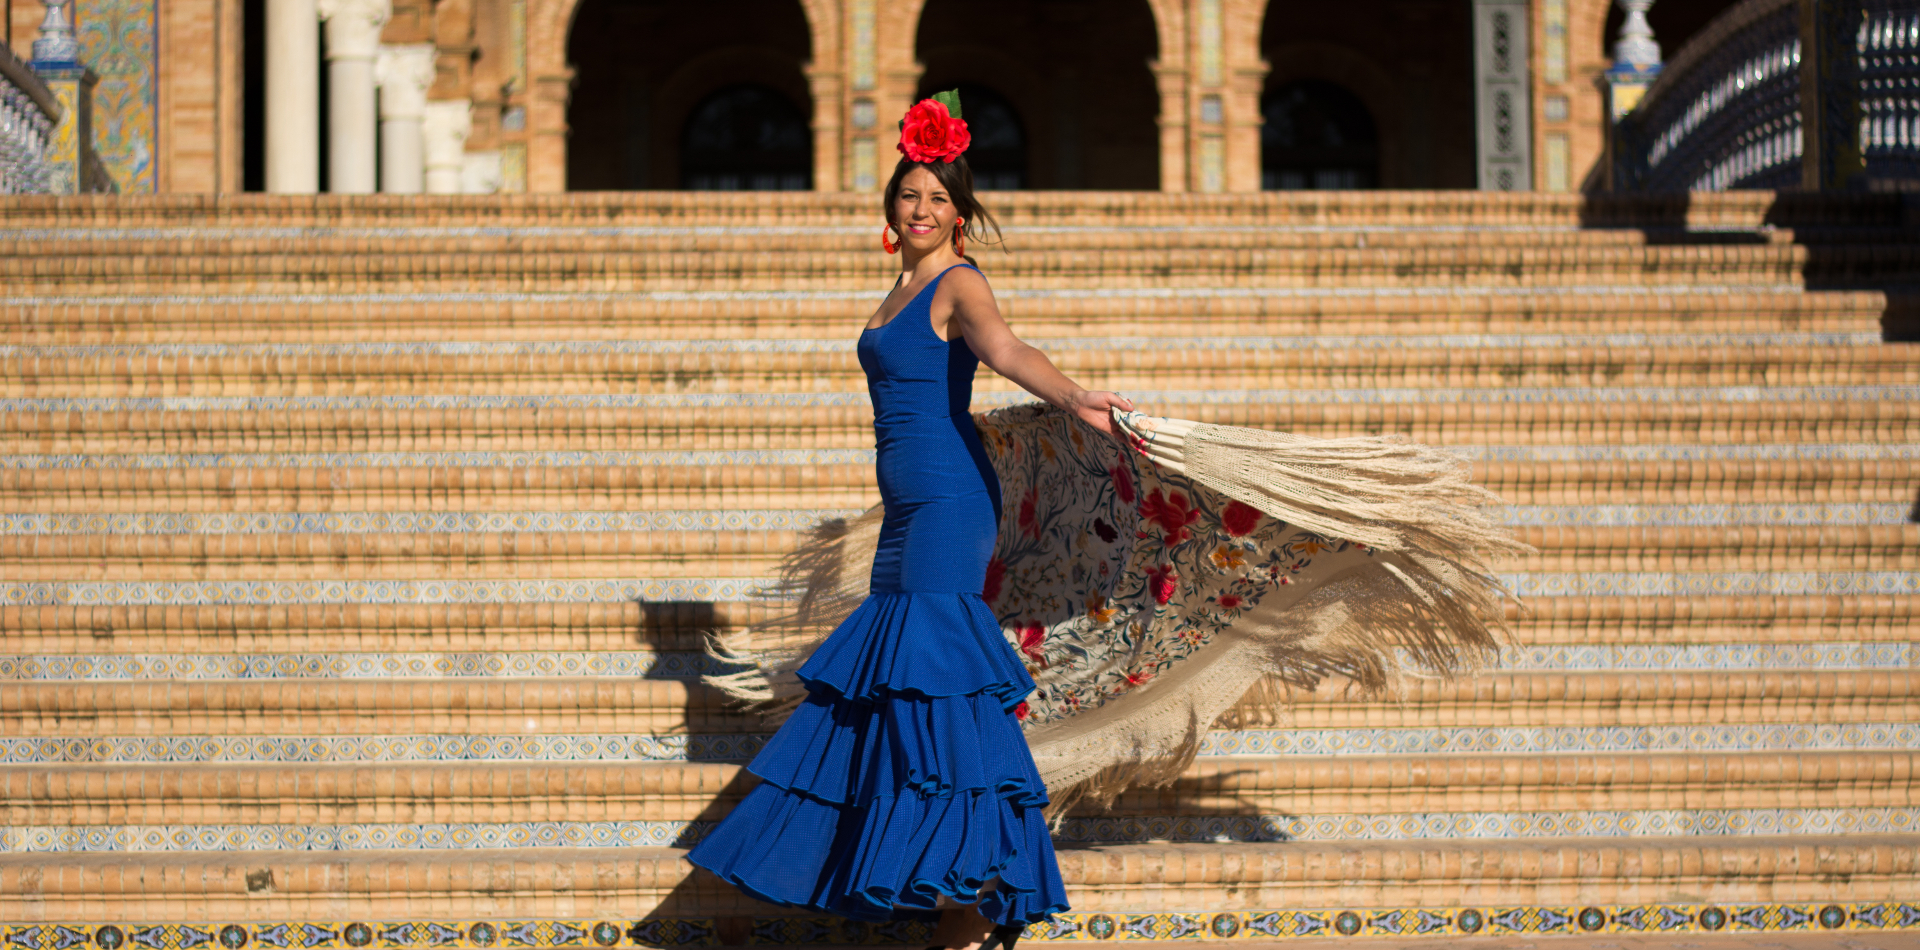 Luxusreise Spanien, Erlebnisreise Spanien, Luxushotels Spanien